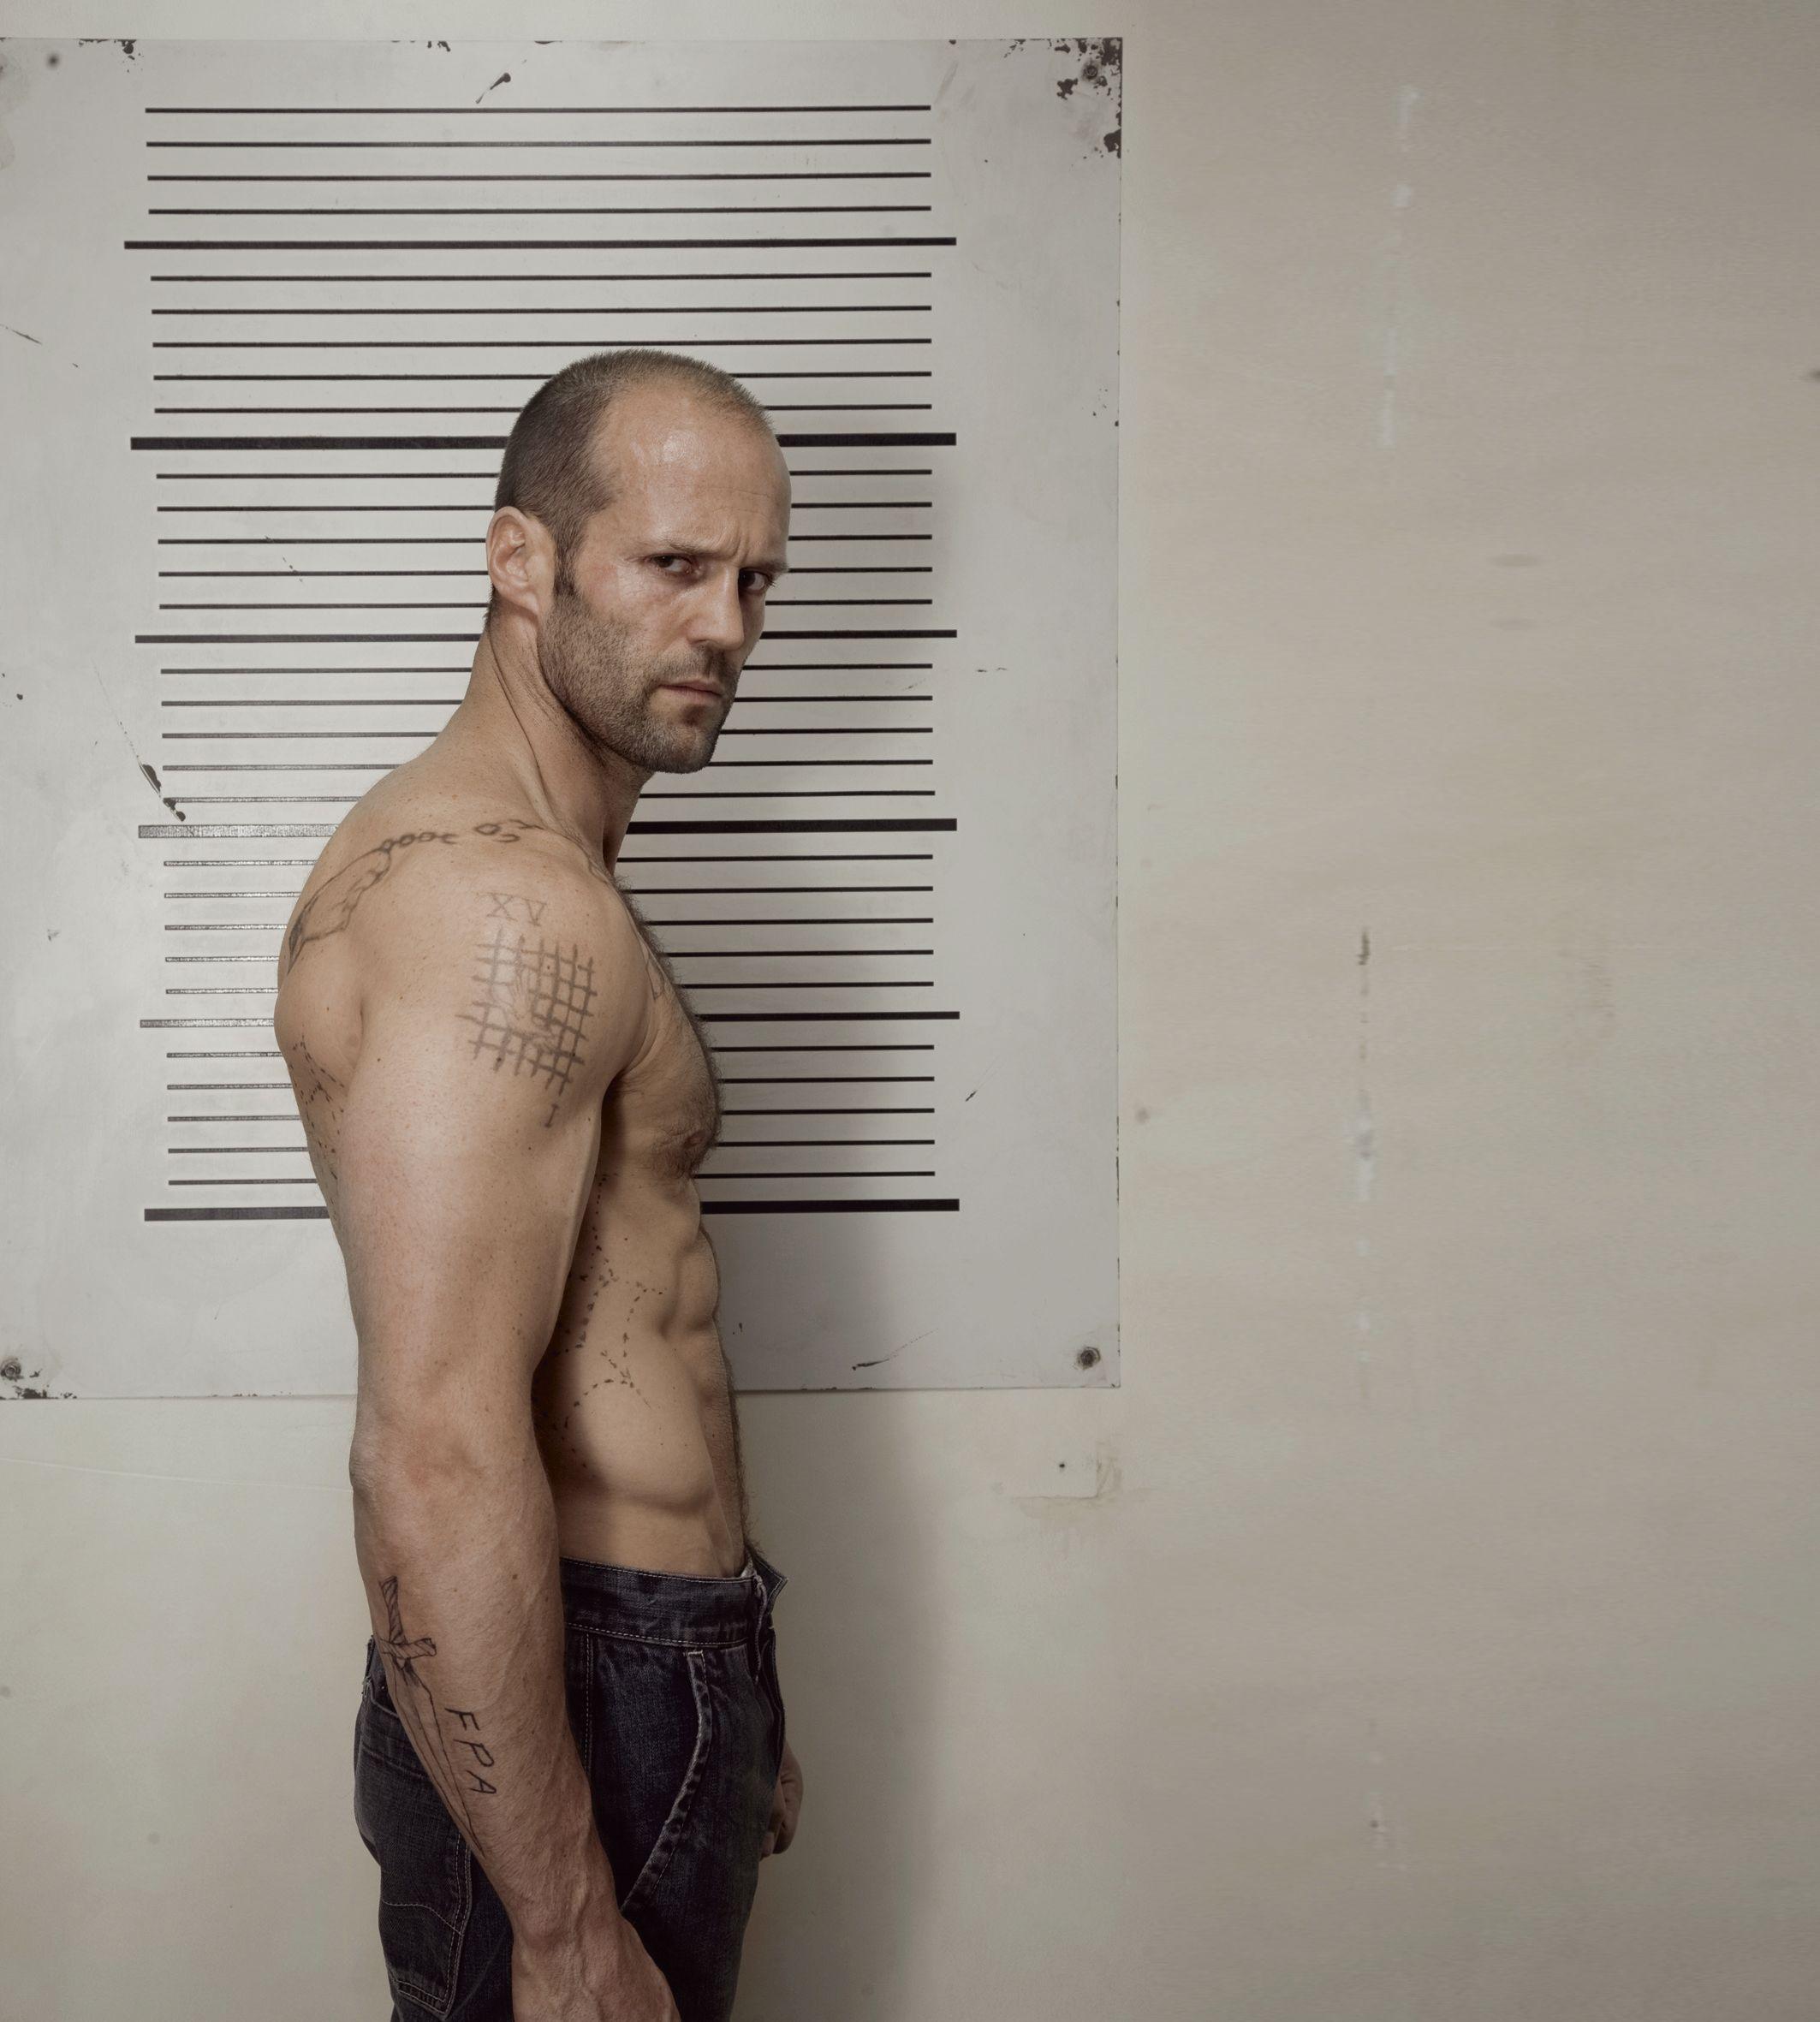 La dieta de Jason Statham para construir músculo